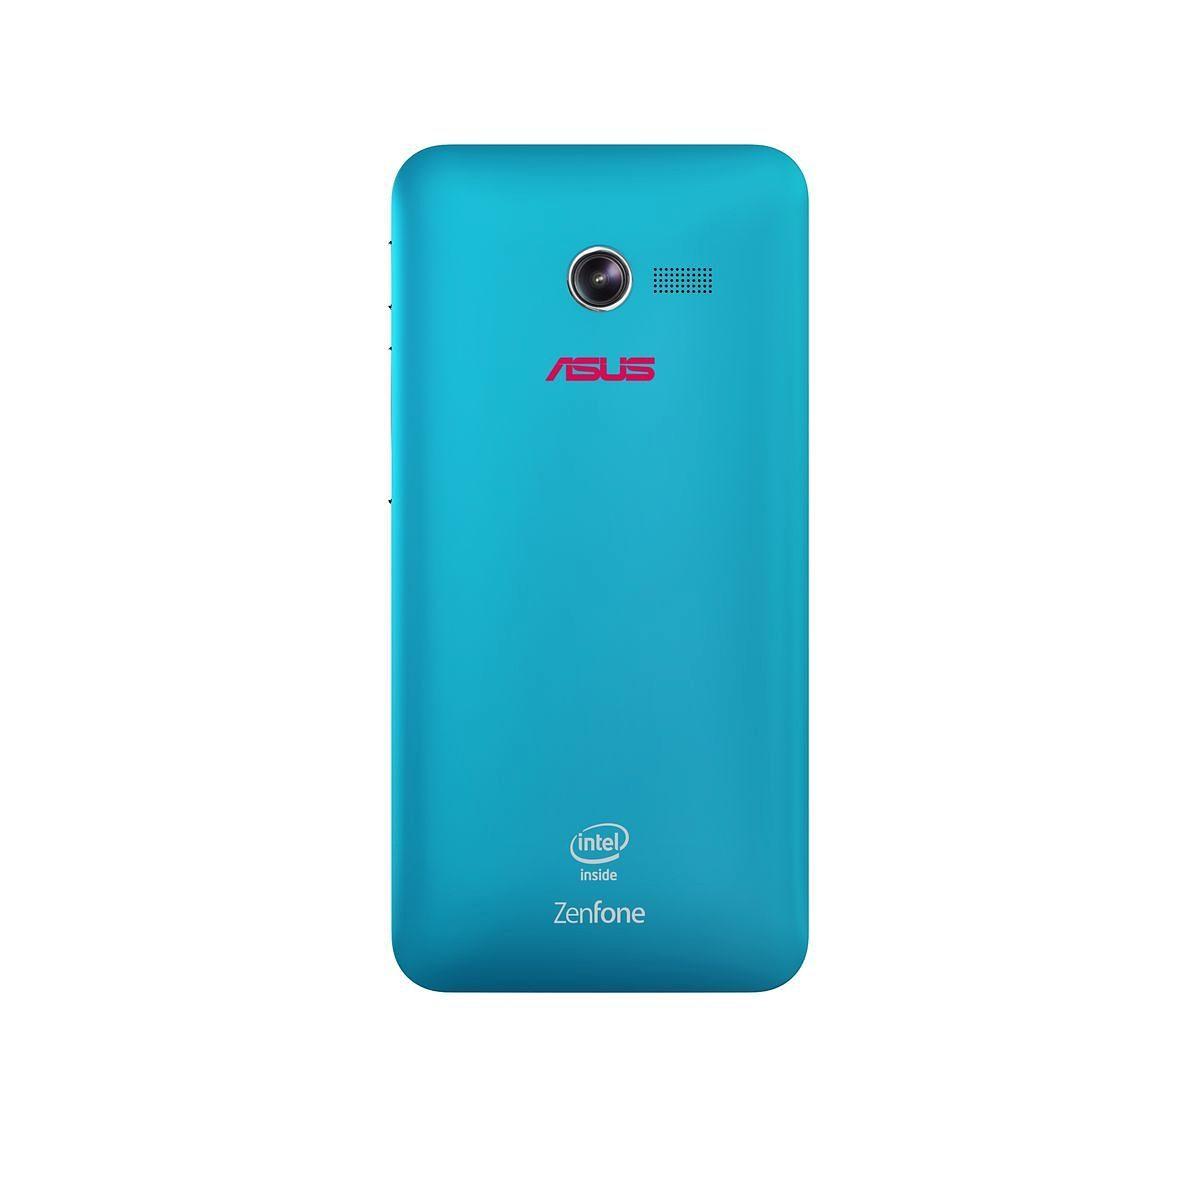 ASUS Smartphone Schutzhülle »Schutz Cover blau für ZenFone 4 (90XB00RA-BSL170)«